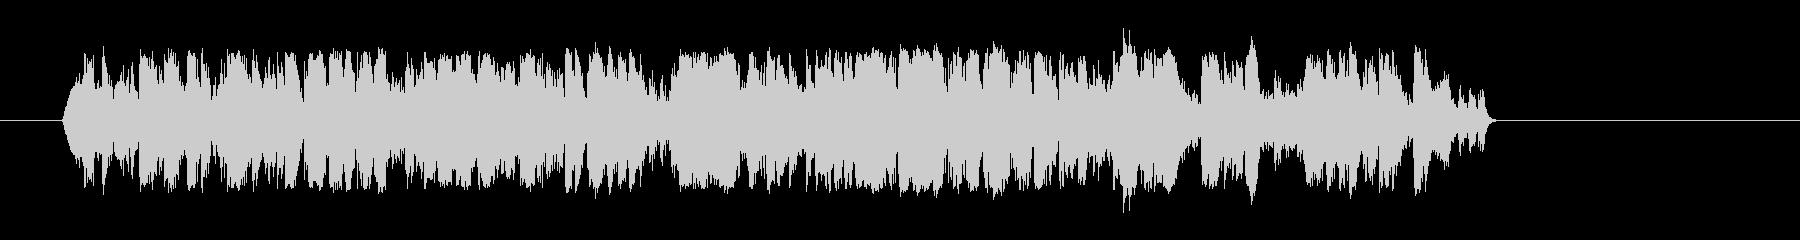 ピアノ-クレイジーソロの未再生の波形